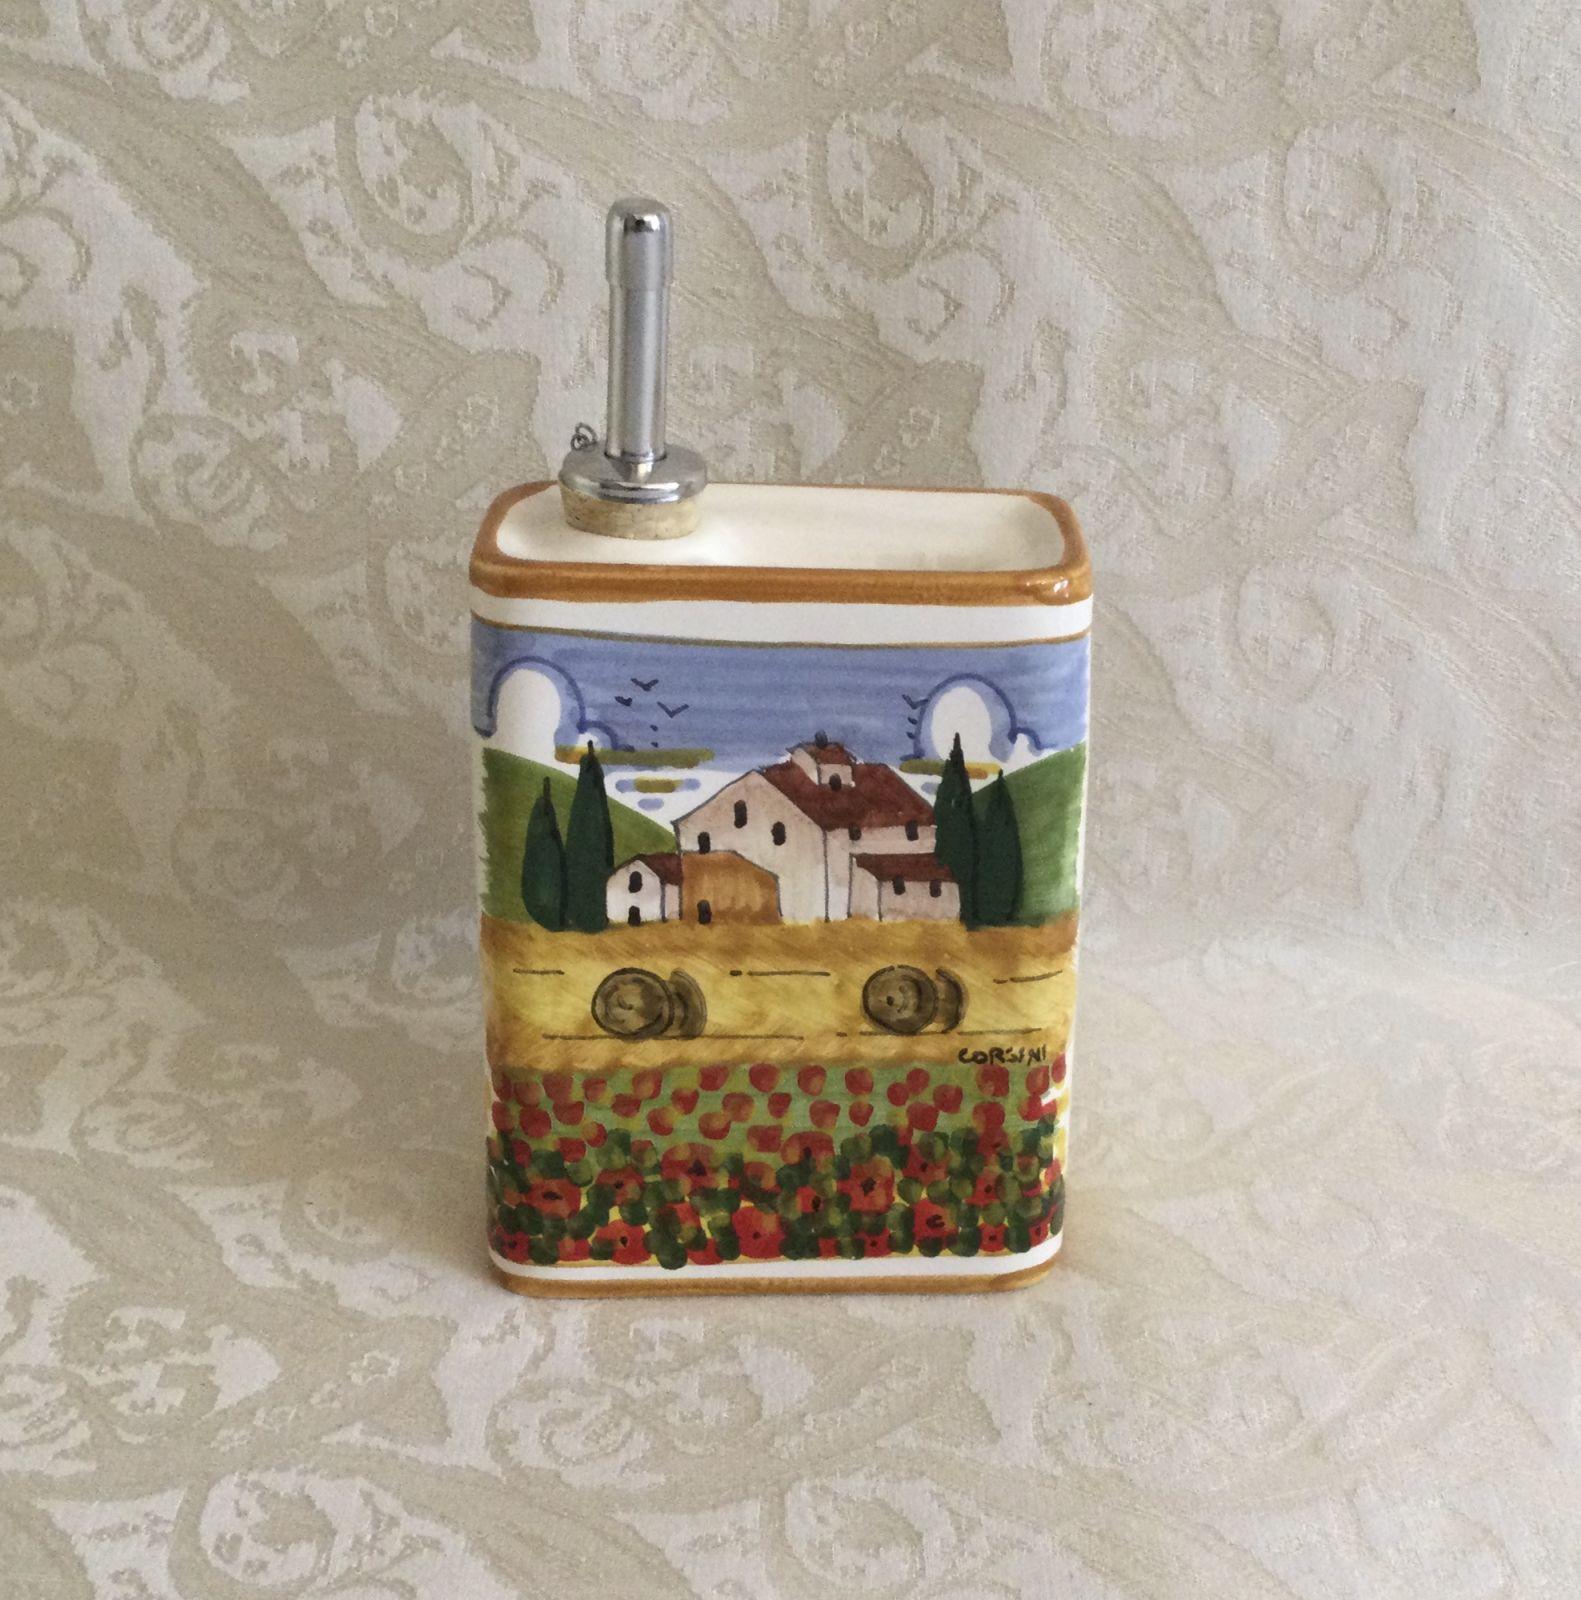 Ampolla olio h13x10x5 con paesaggio toscano con papaveri